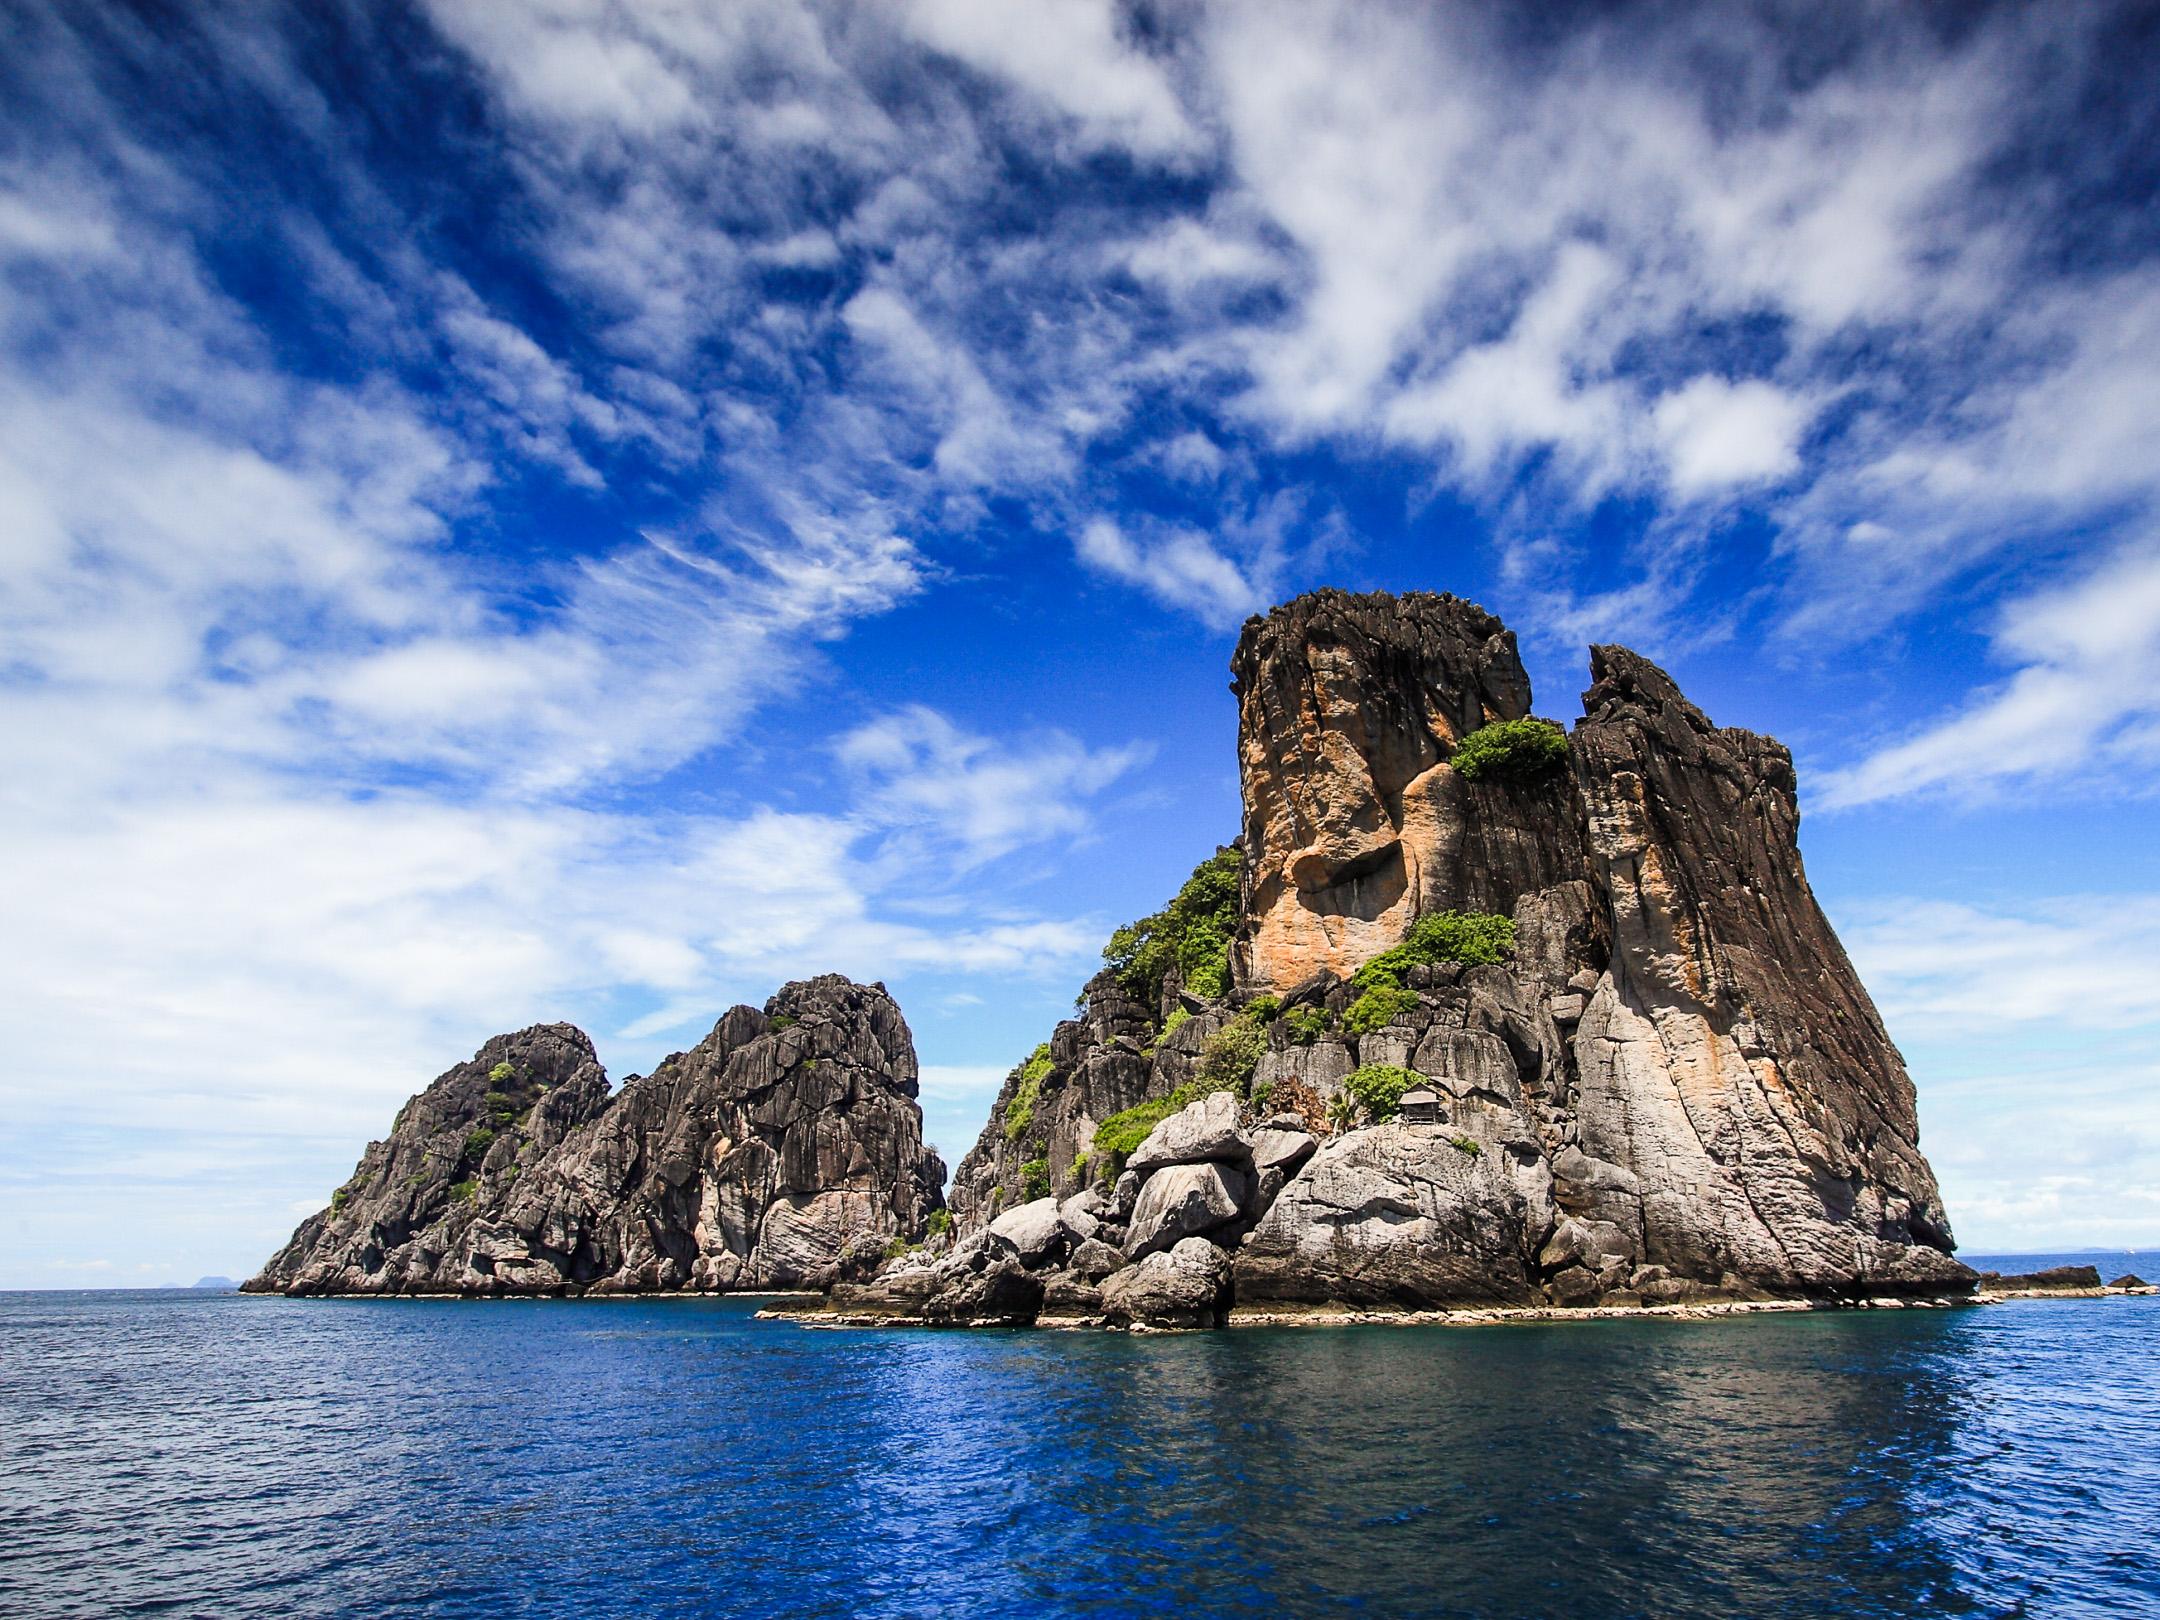 ทะเลชุมพร อุทยานแห่งชาติ หมู่เกาะทะเลชุมพร